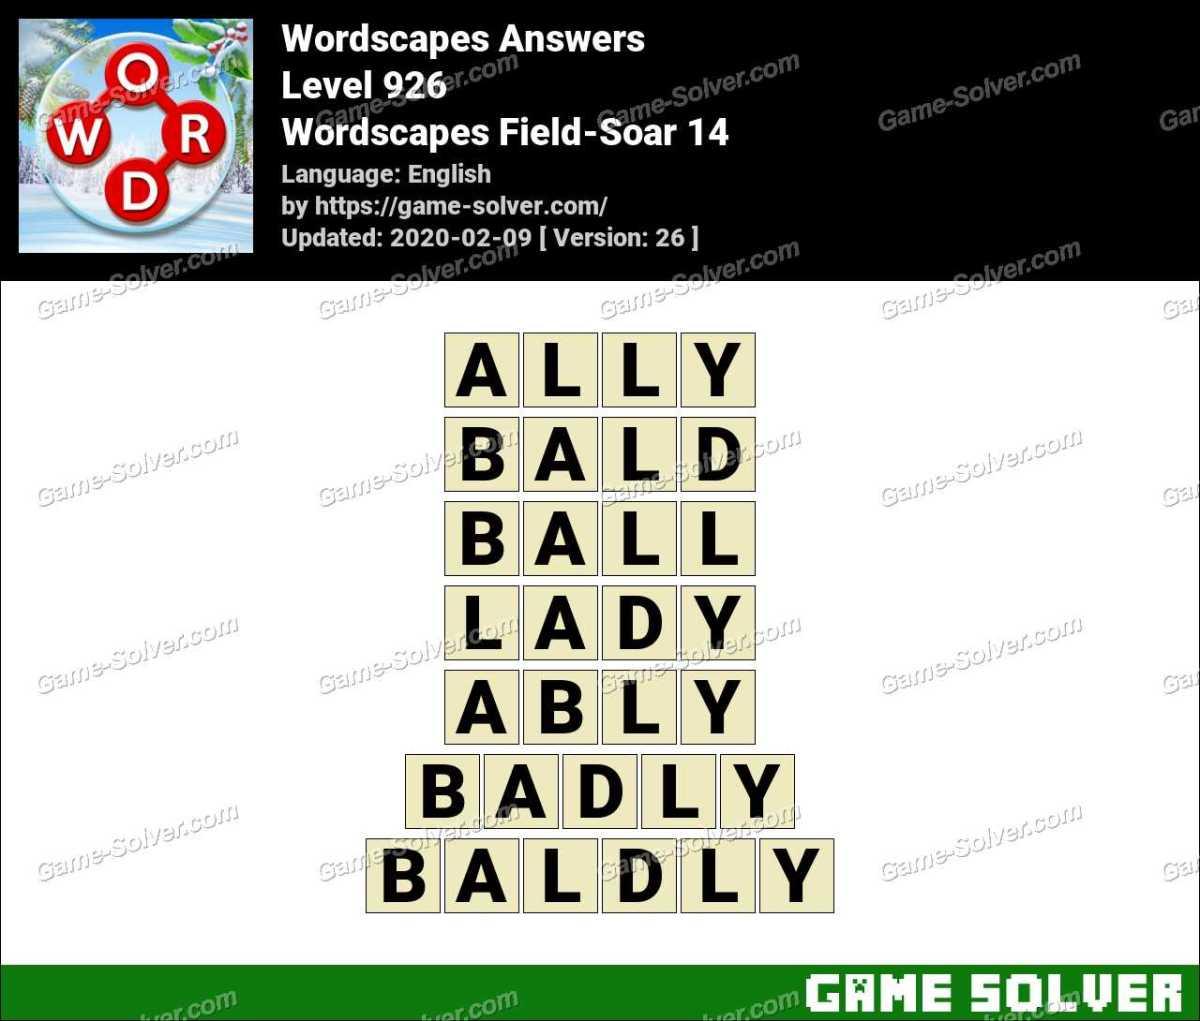 Wordscapes Field-Soar 14 Answers